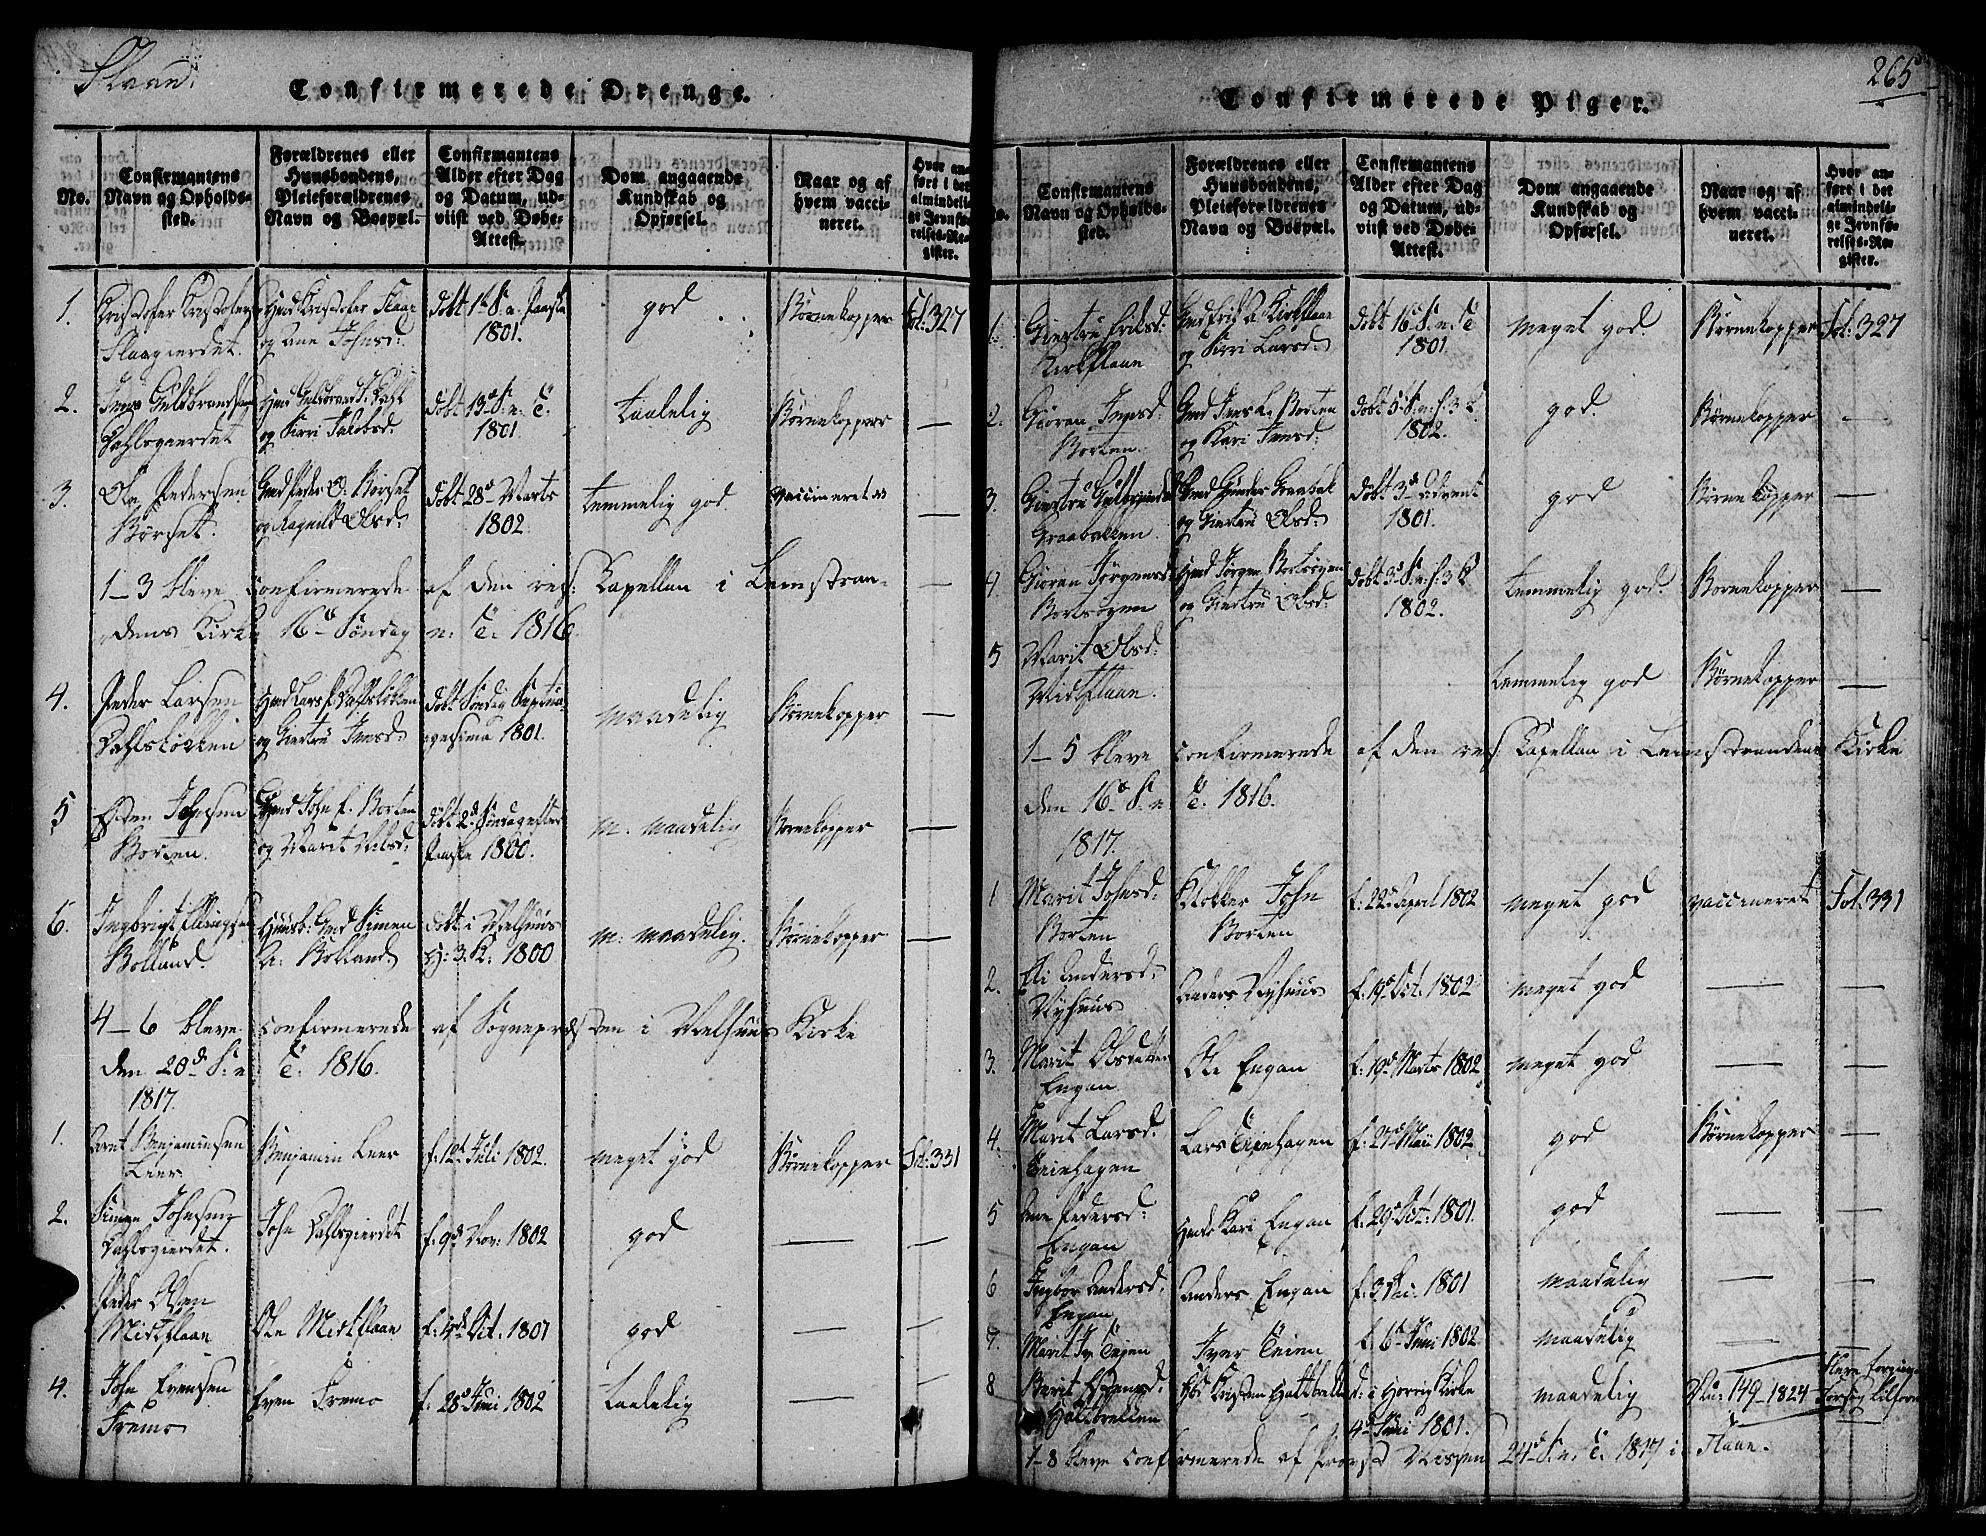 SAT, Ministerialprotokoller, klokkerbøker og fødselsregistre - Sør-Trøndelag, 691/L1066: Ministerialbok nr. 691A03 /2, 1816-1826, s. 265